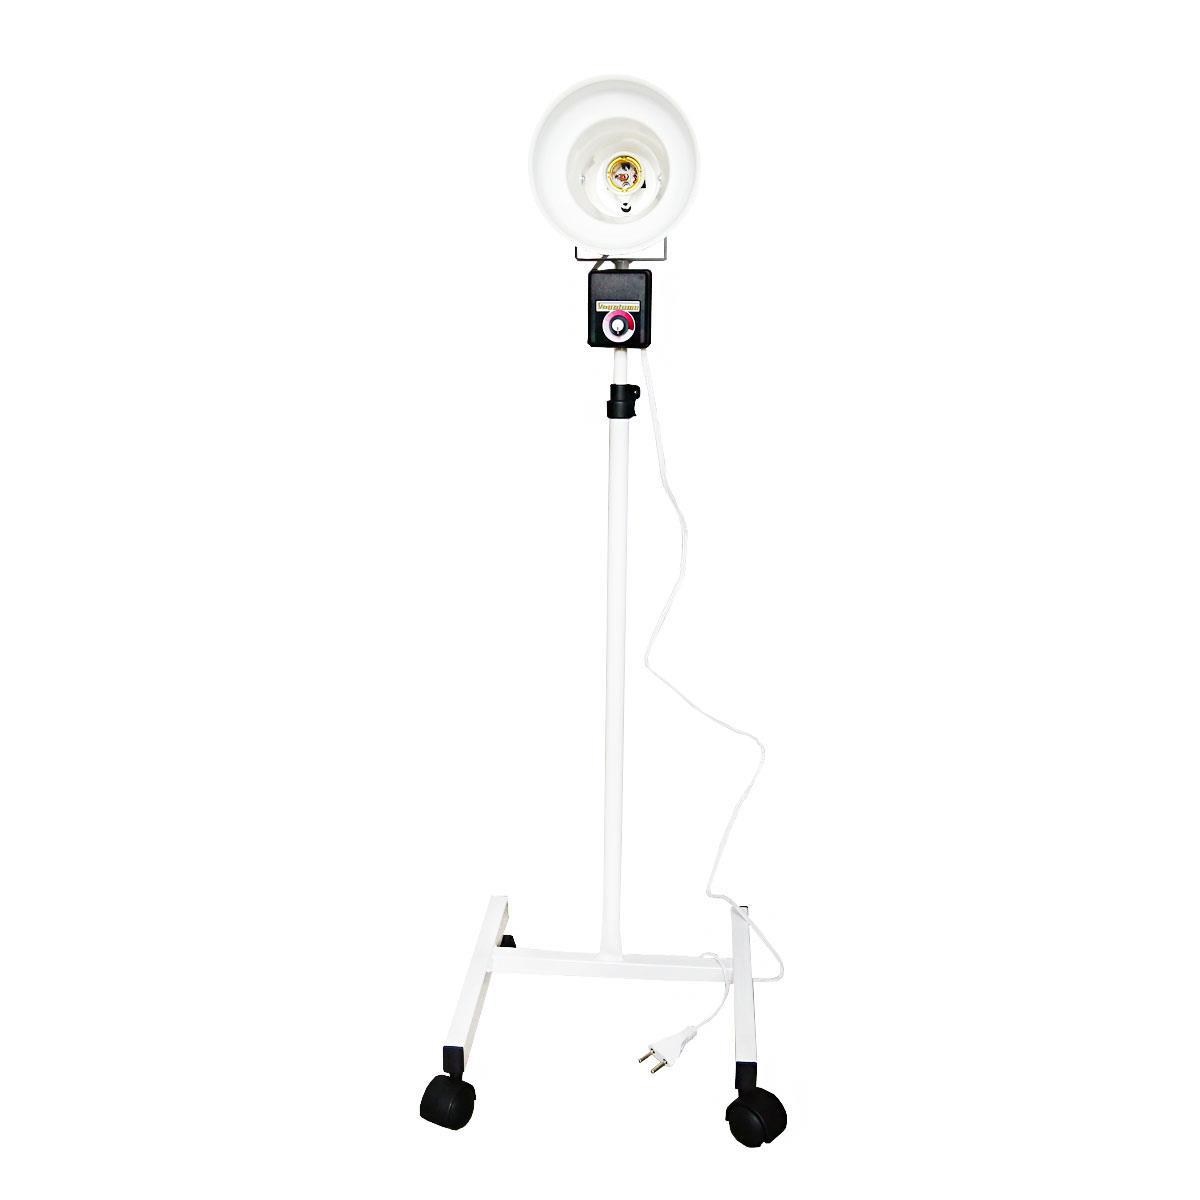 Infravermelho De Pedestal Com Dimmer Sem Lâmpada Para Fisioterapia - Bivolt - Shopfisio